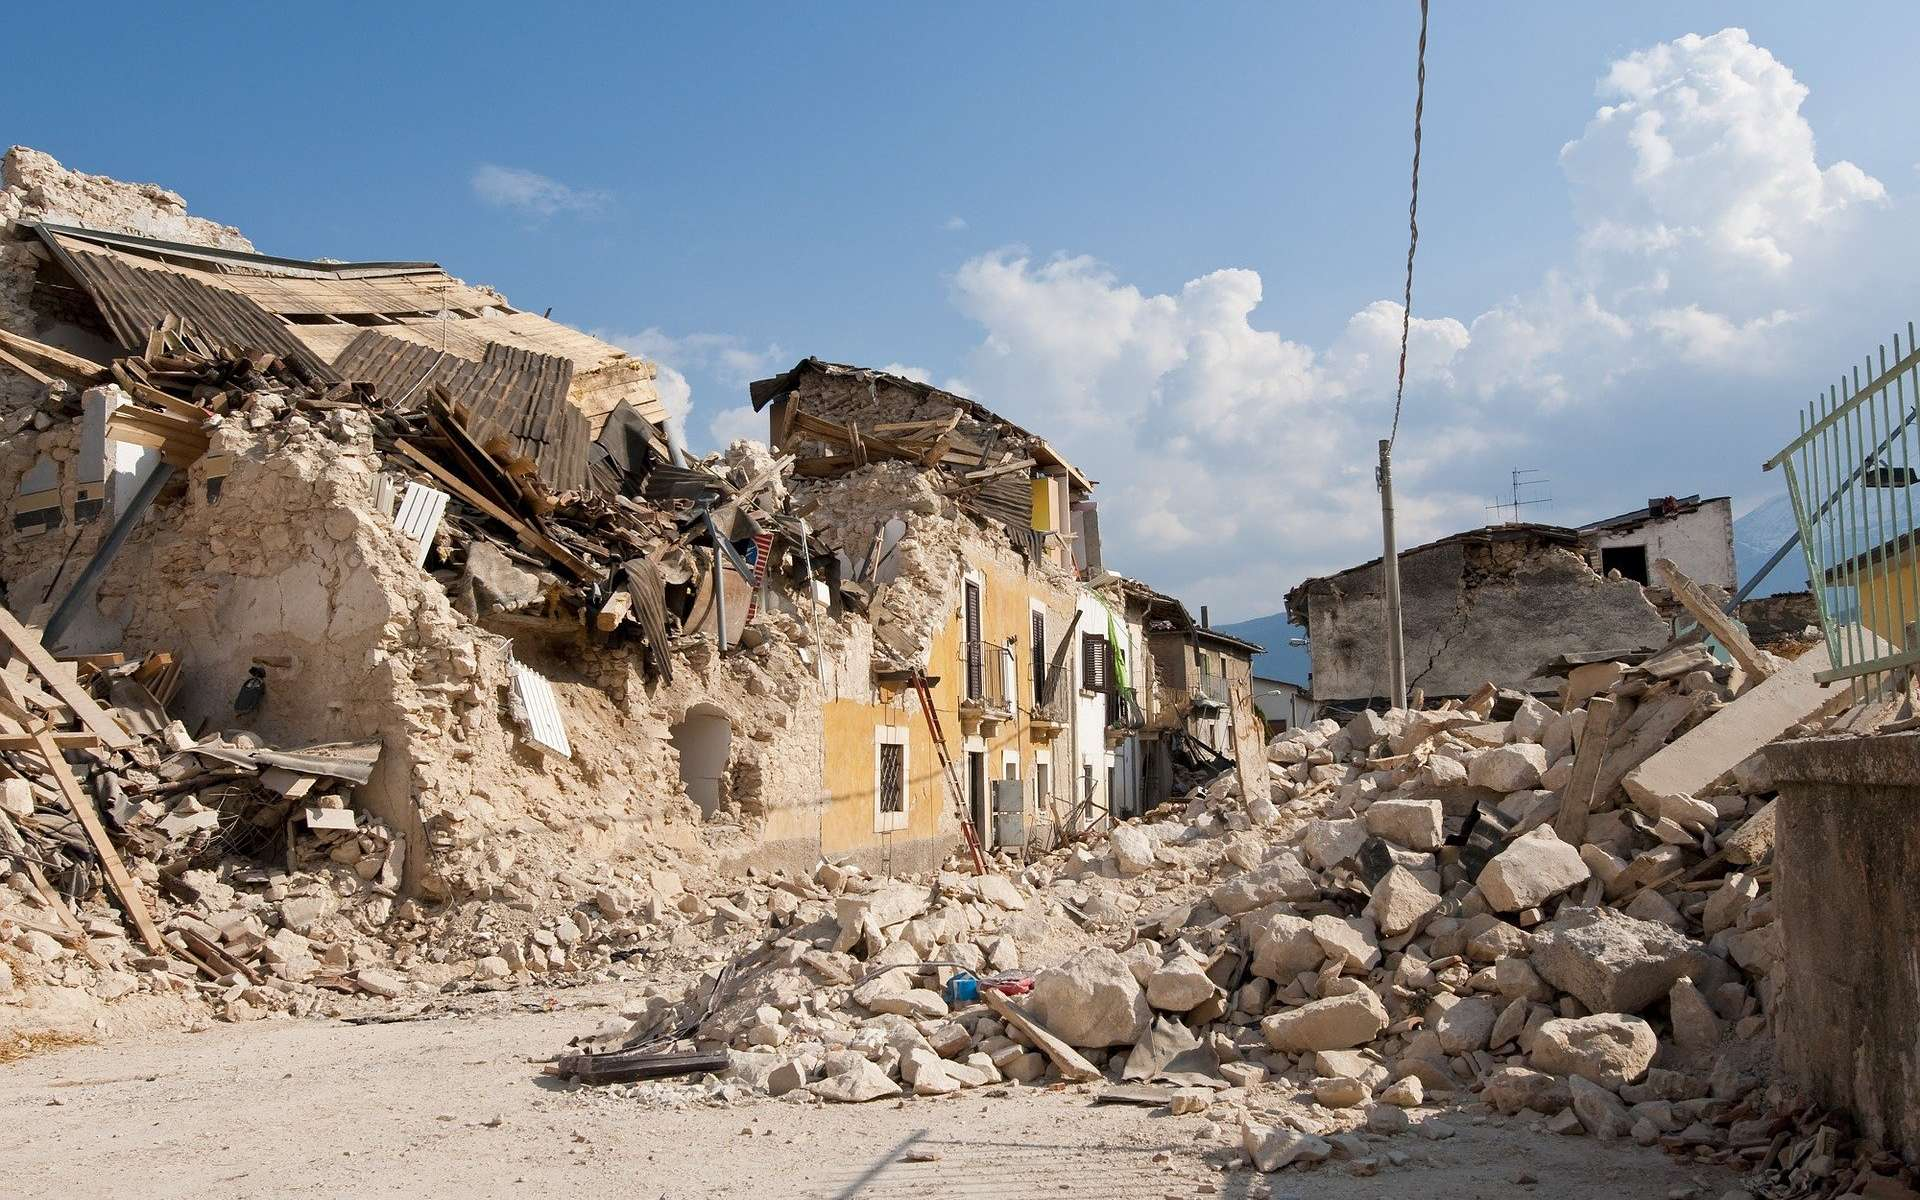 Dégâts causés par un tremblement de terre. © Angelo Giordano, Pixabay